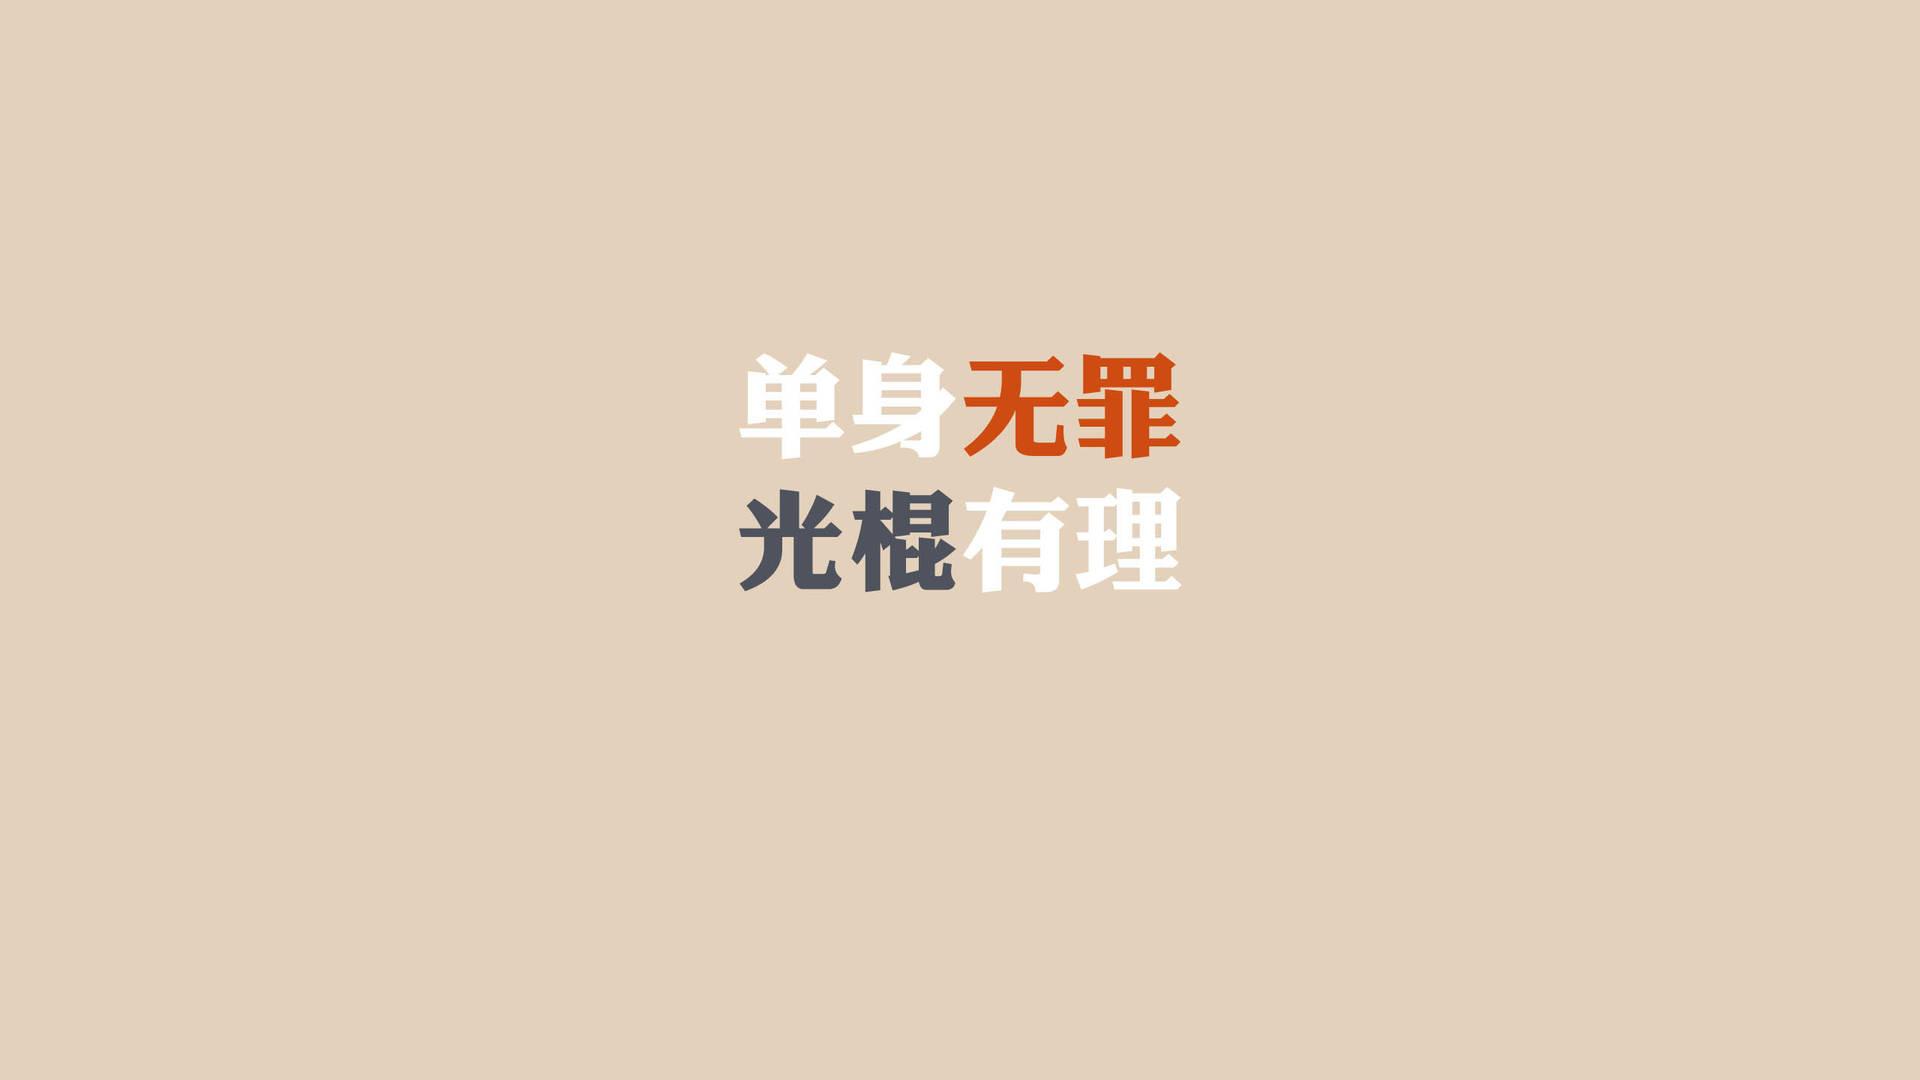 双十一光棍节搞笑ppt背景图片下载_幻灯片模板免费下载